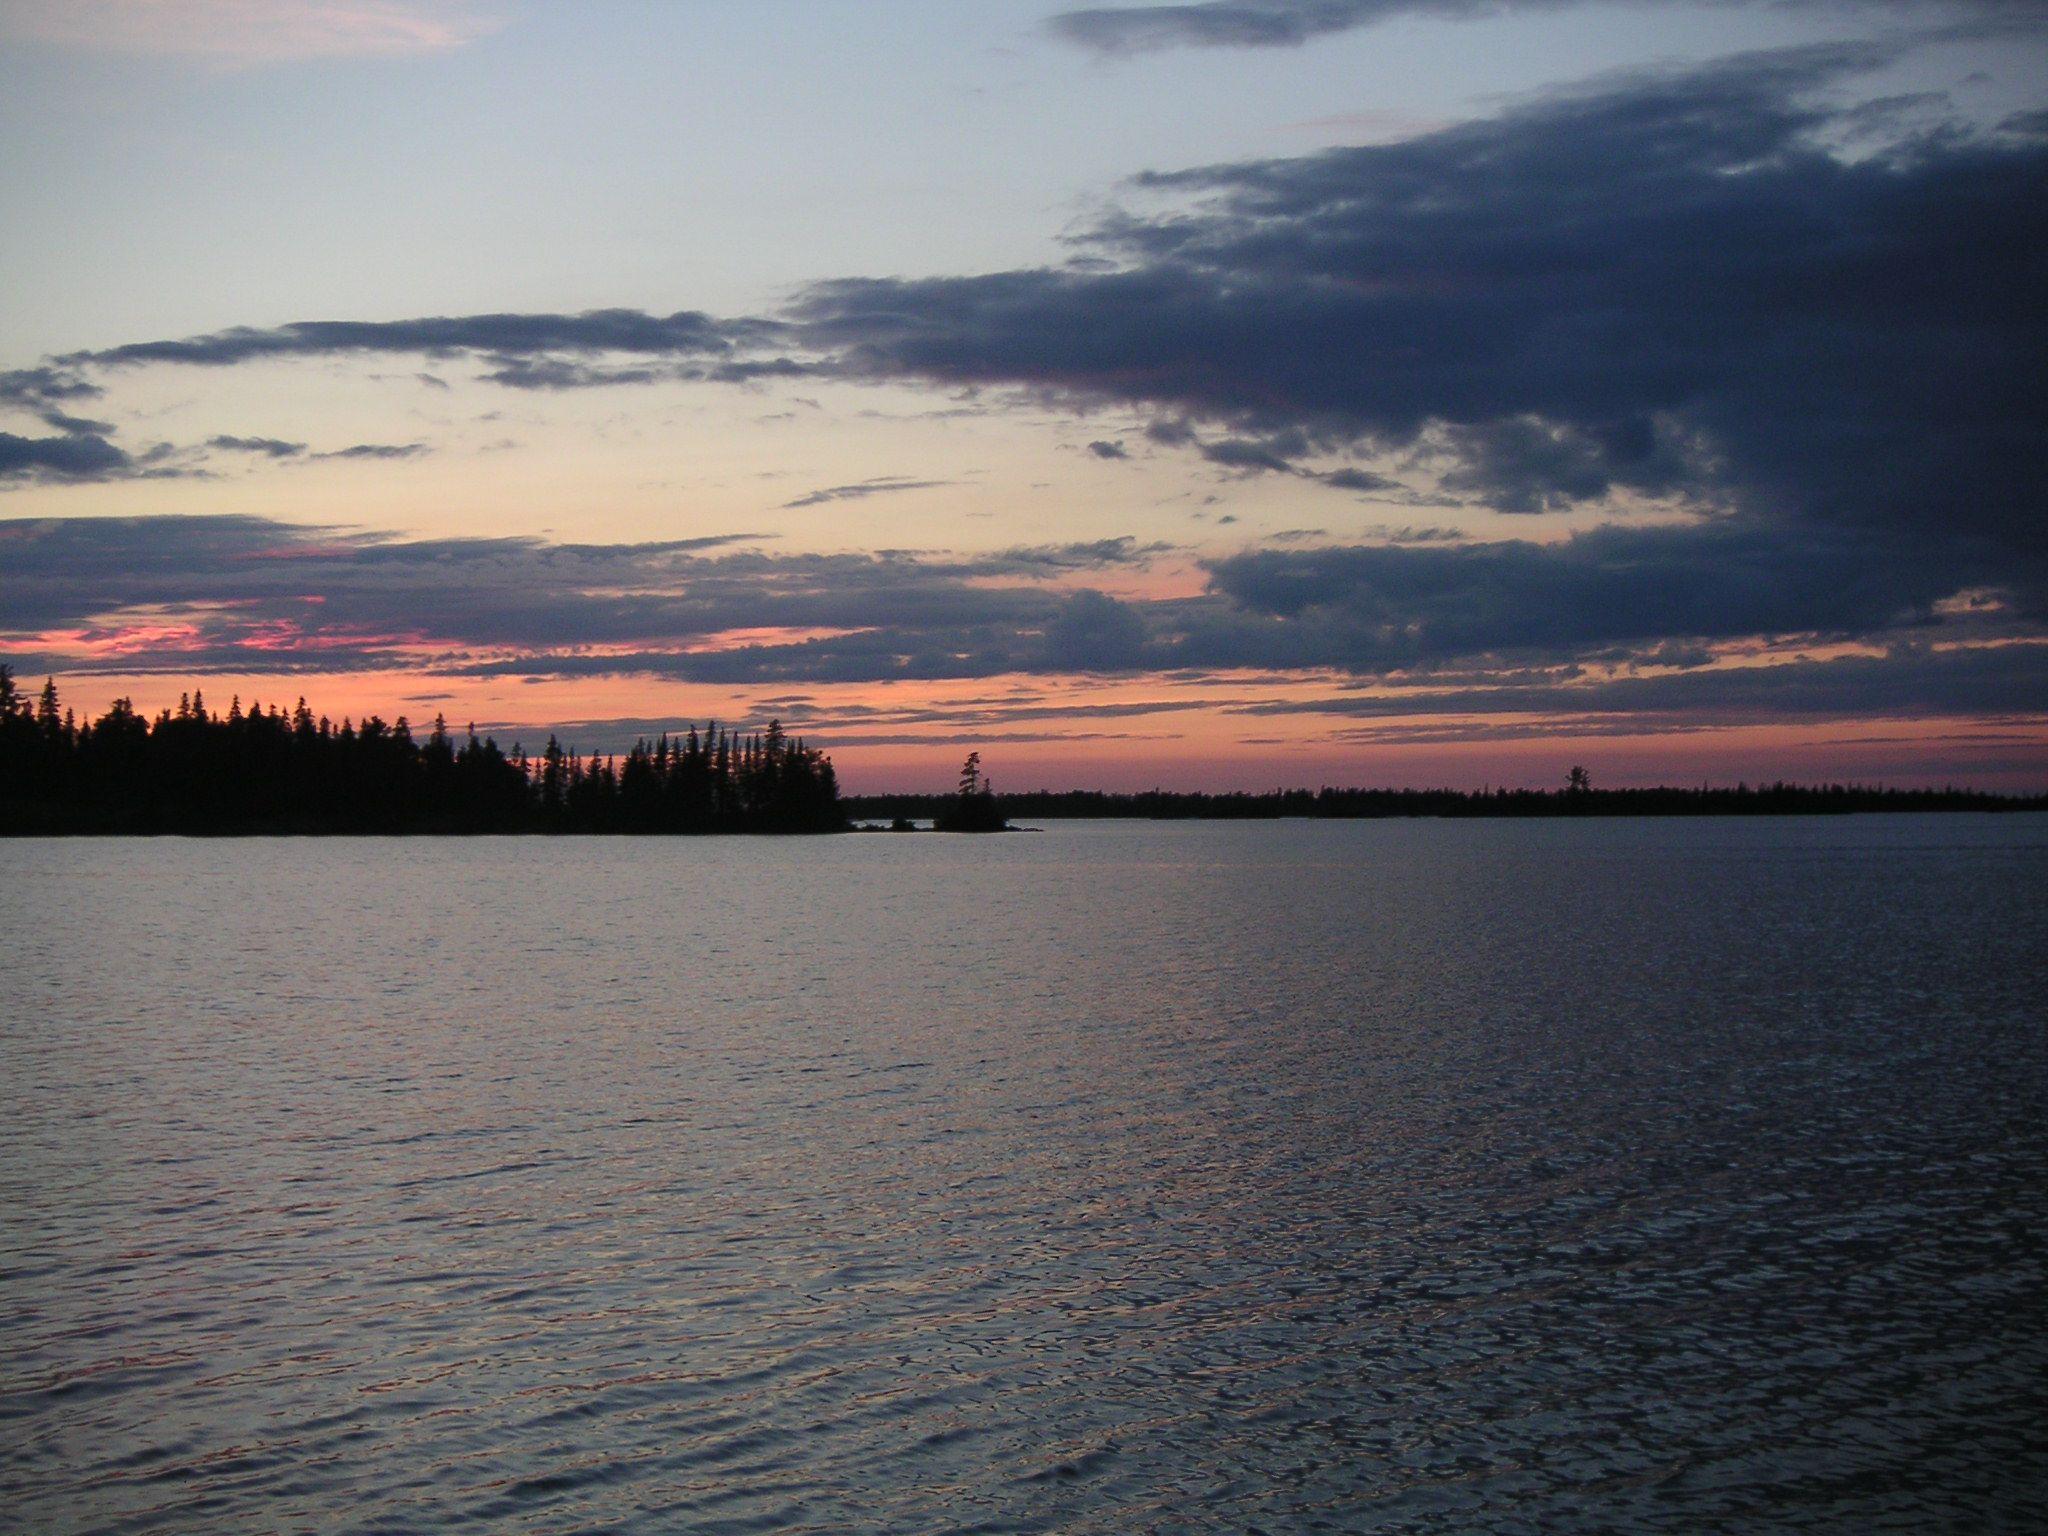 Sunset on Isle Royale